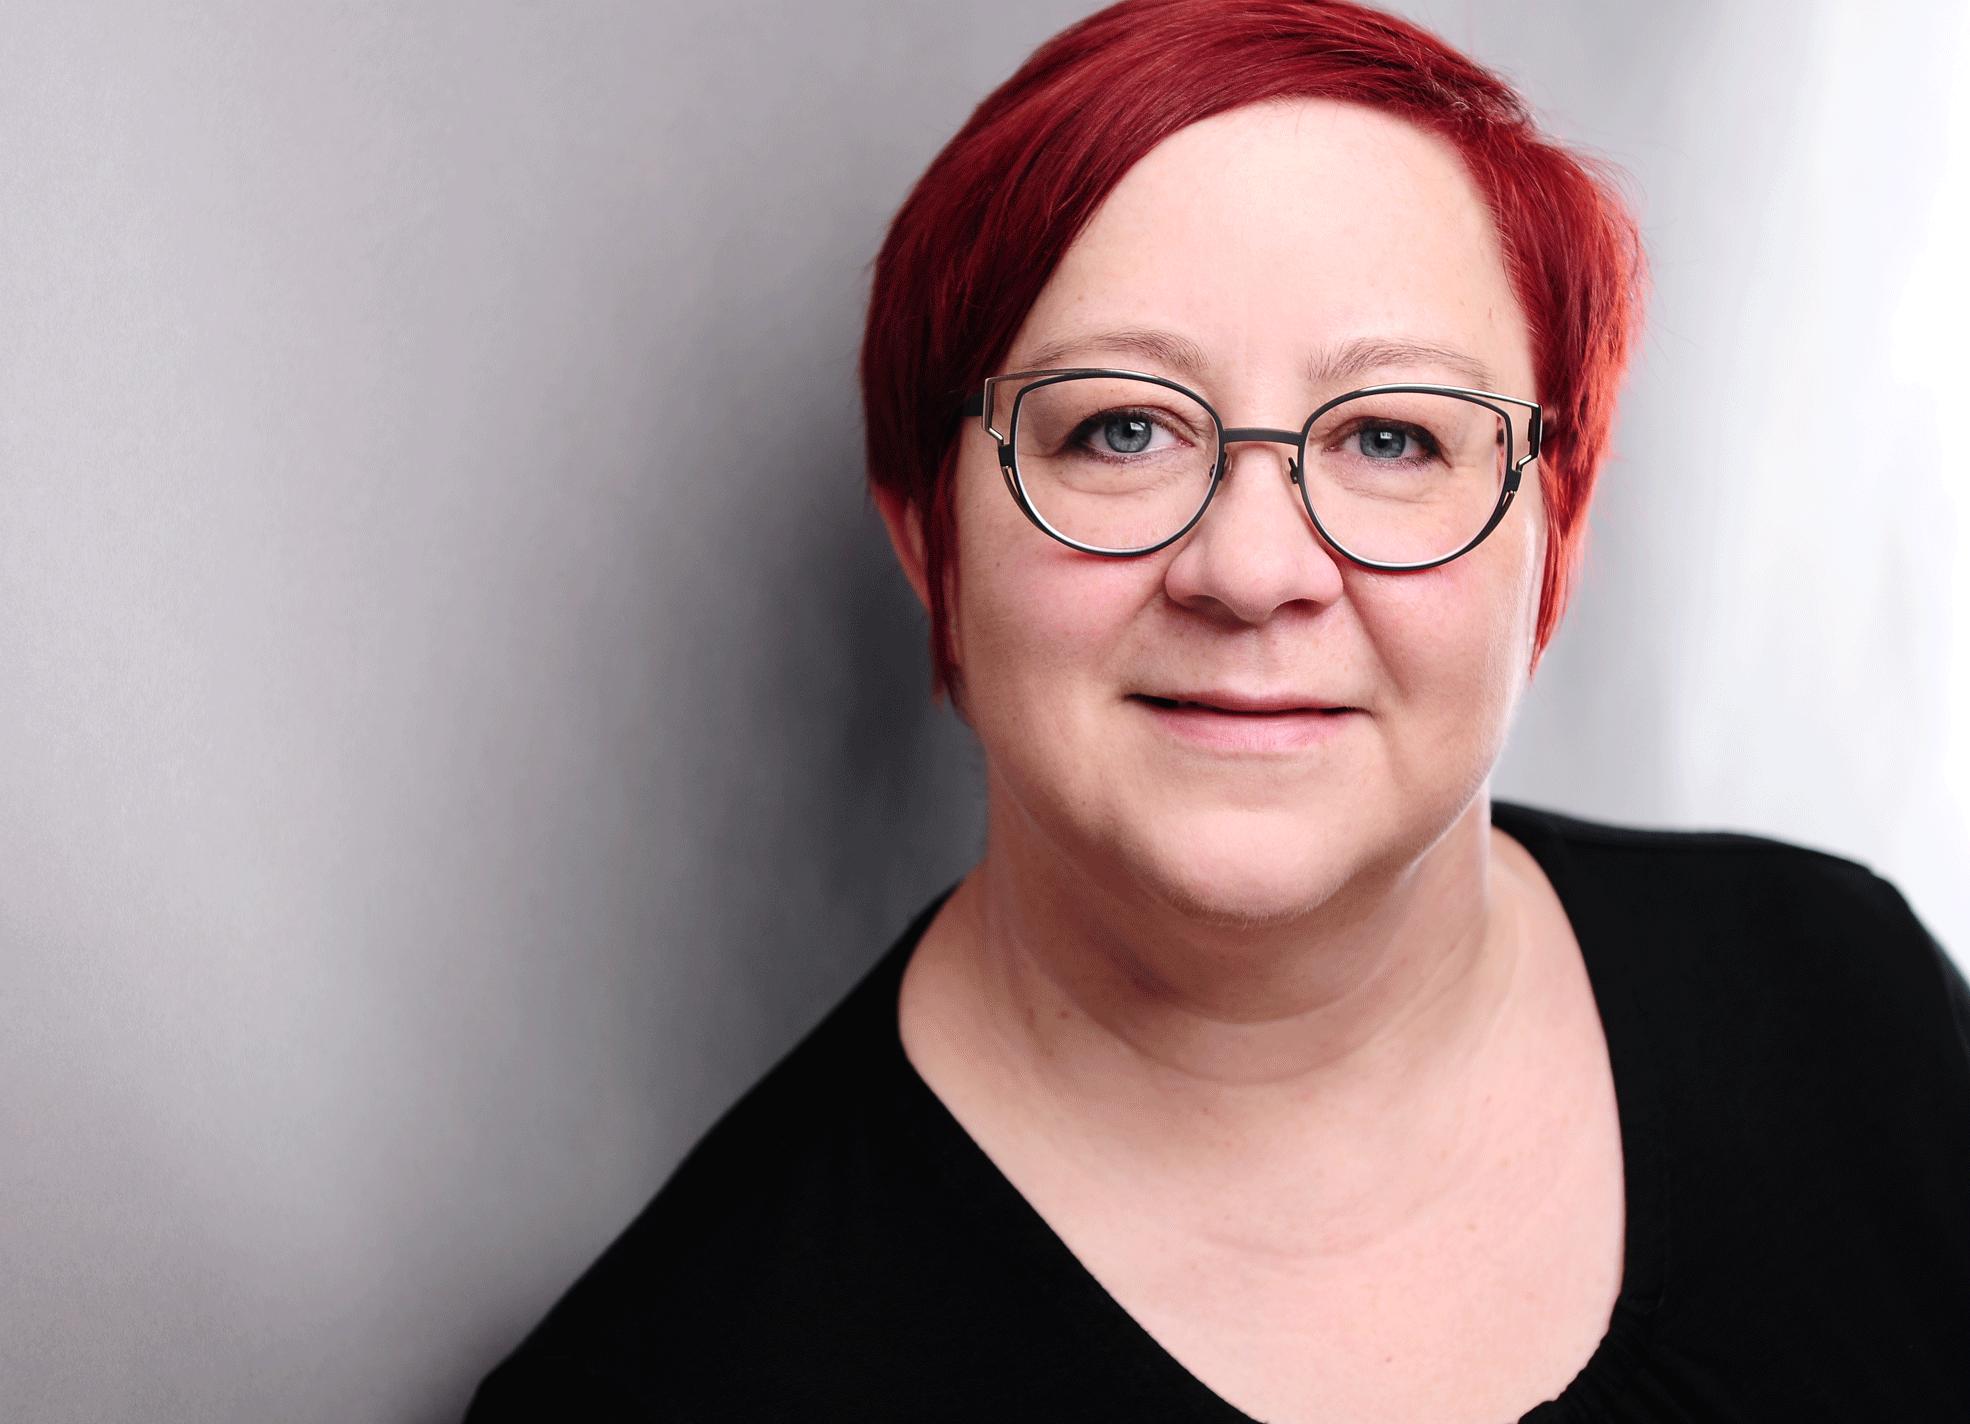 Susanne Himmelreich